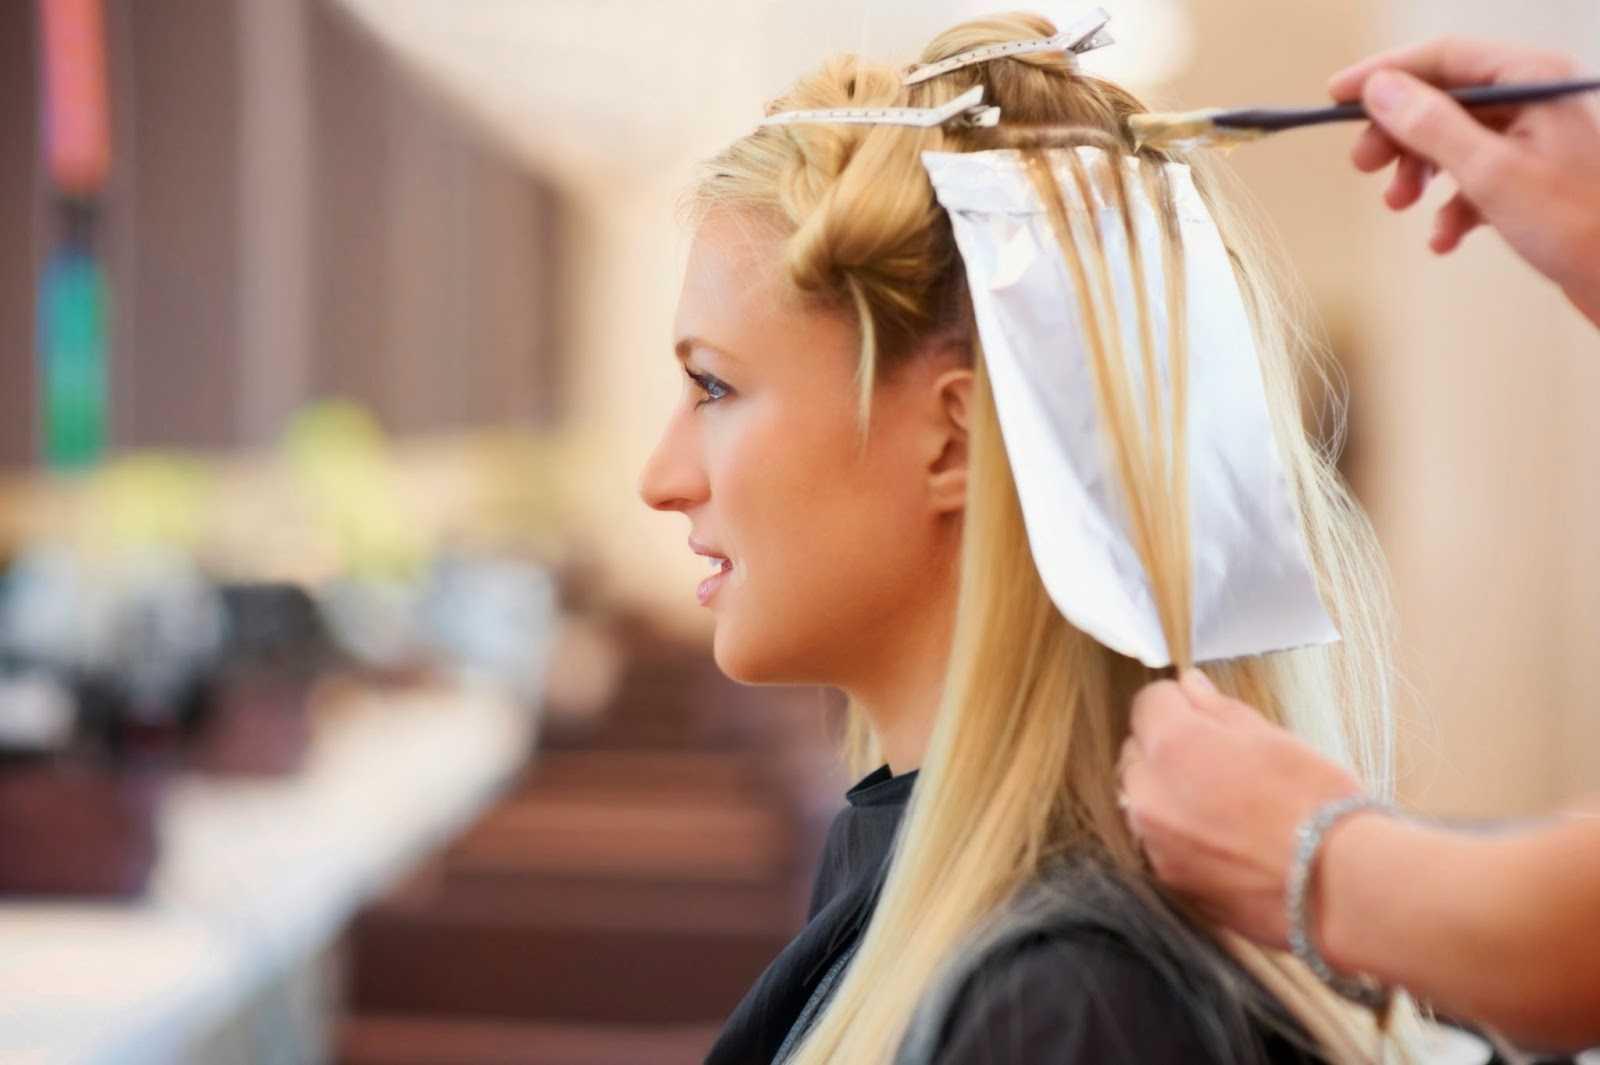 sac boyama sultangazi sac kuaforu - Rüyada saçlarını farklı renge boyadığını görmek